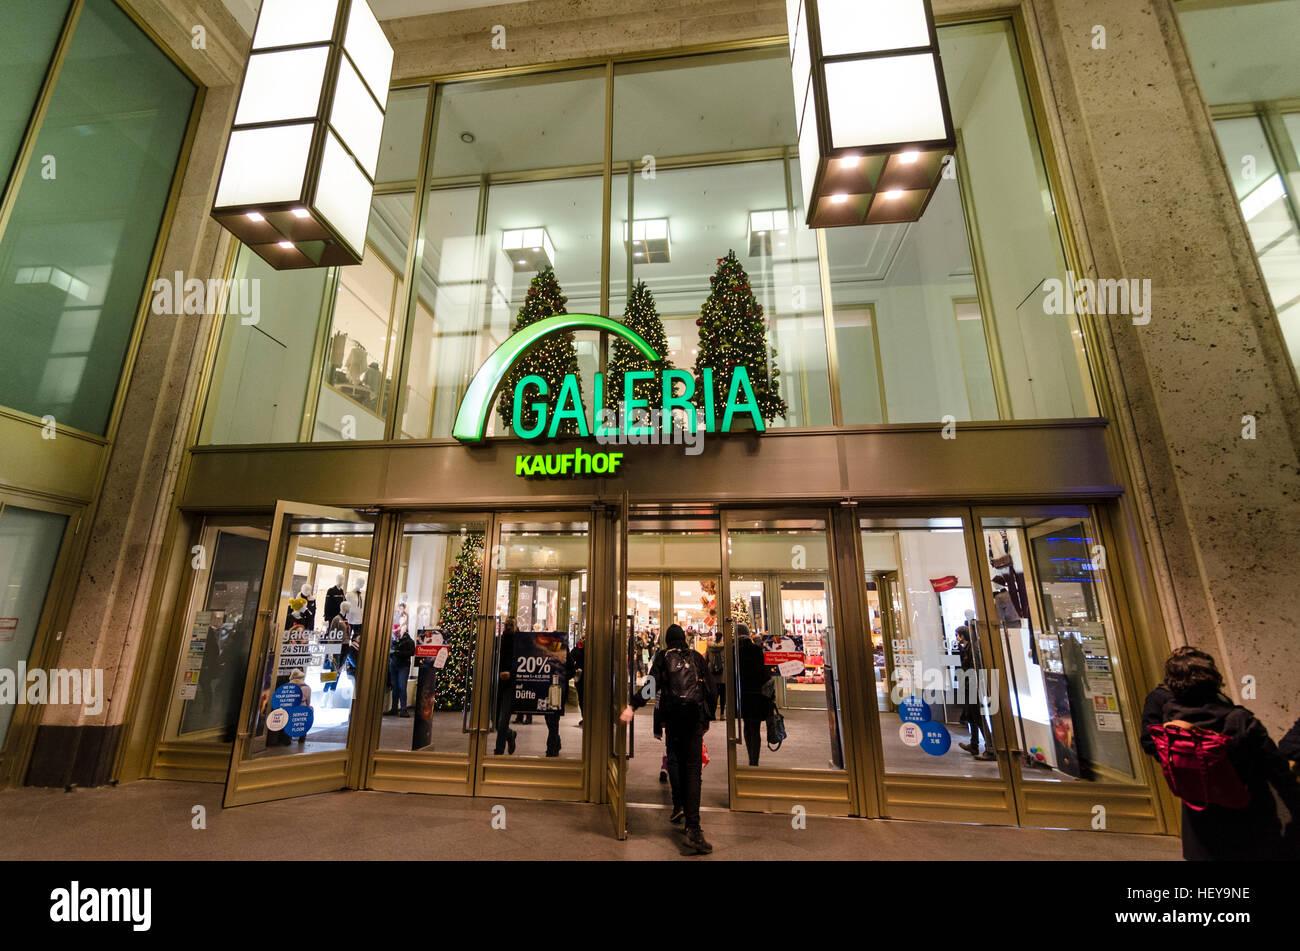 Logo et à l'extérieur entrée Galeria Kaufhof, grand magasin, boutique, détaillant. Alexanderplatz, Photo Stock